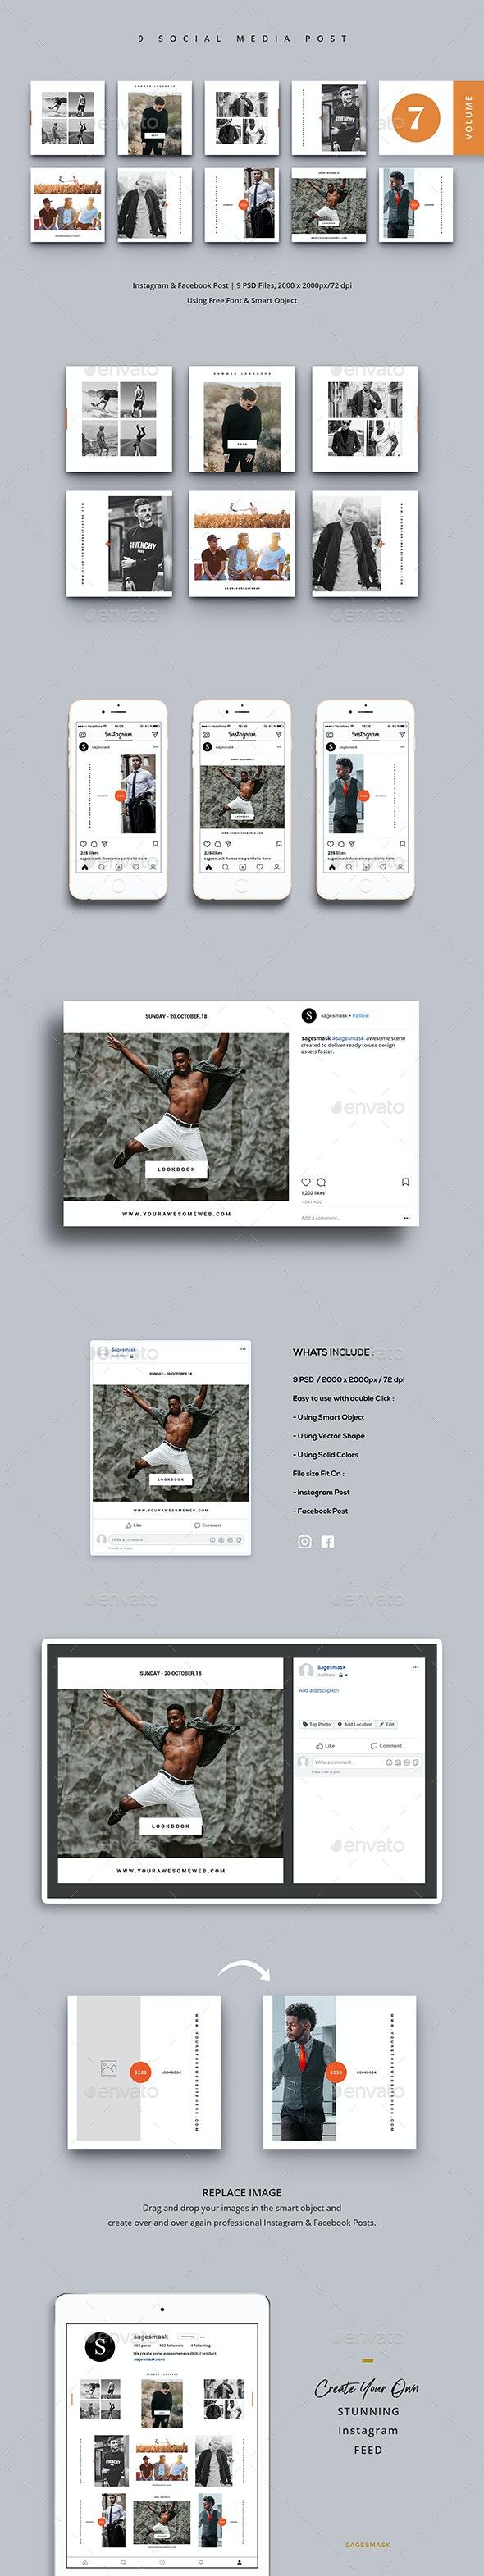 Social Media Post Vol. 7 - Social Media Web Elements